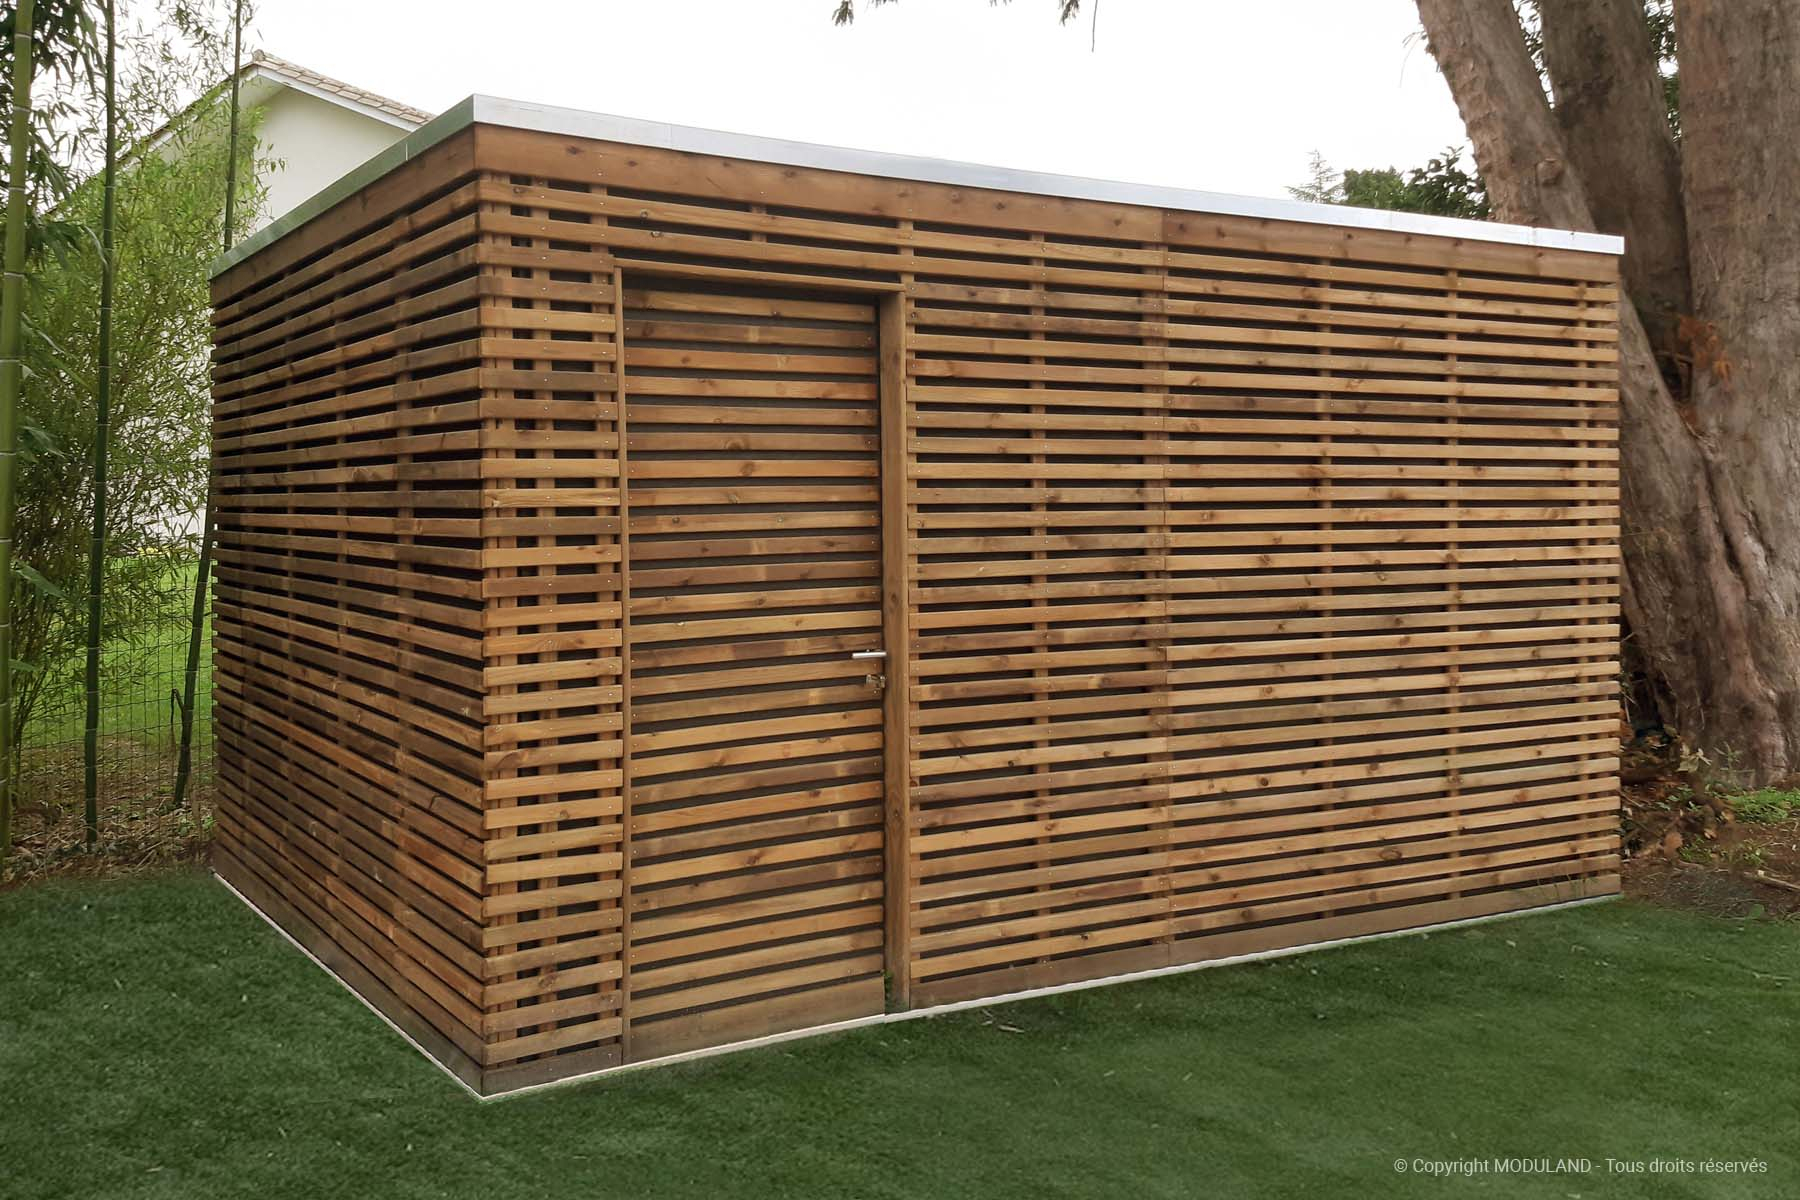 Fabricant D'abris Et Structures Bois Sur Mesure | Moduland à Abri De Jardin Thonon